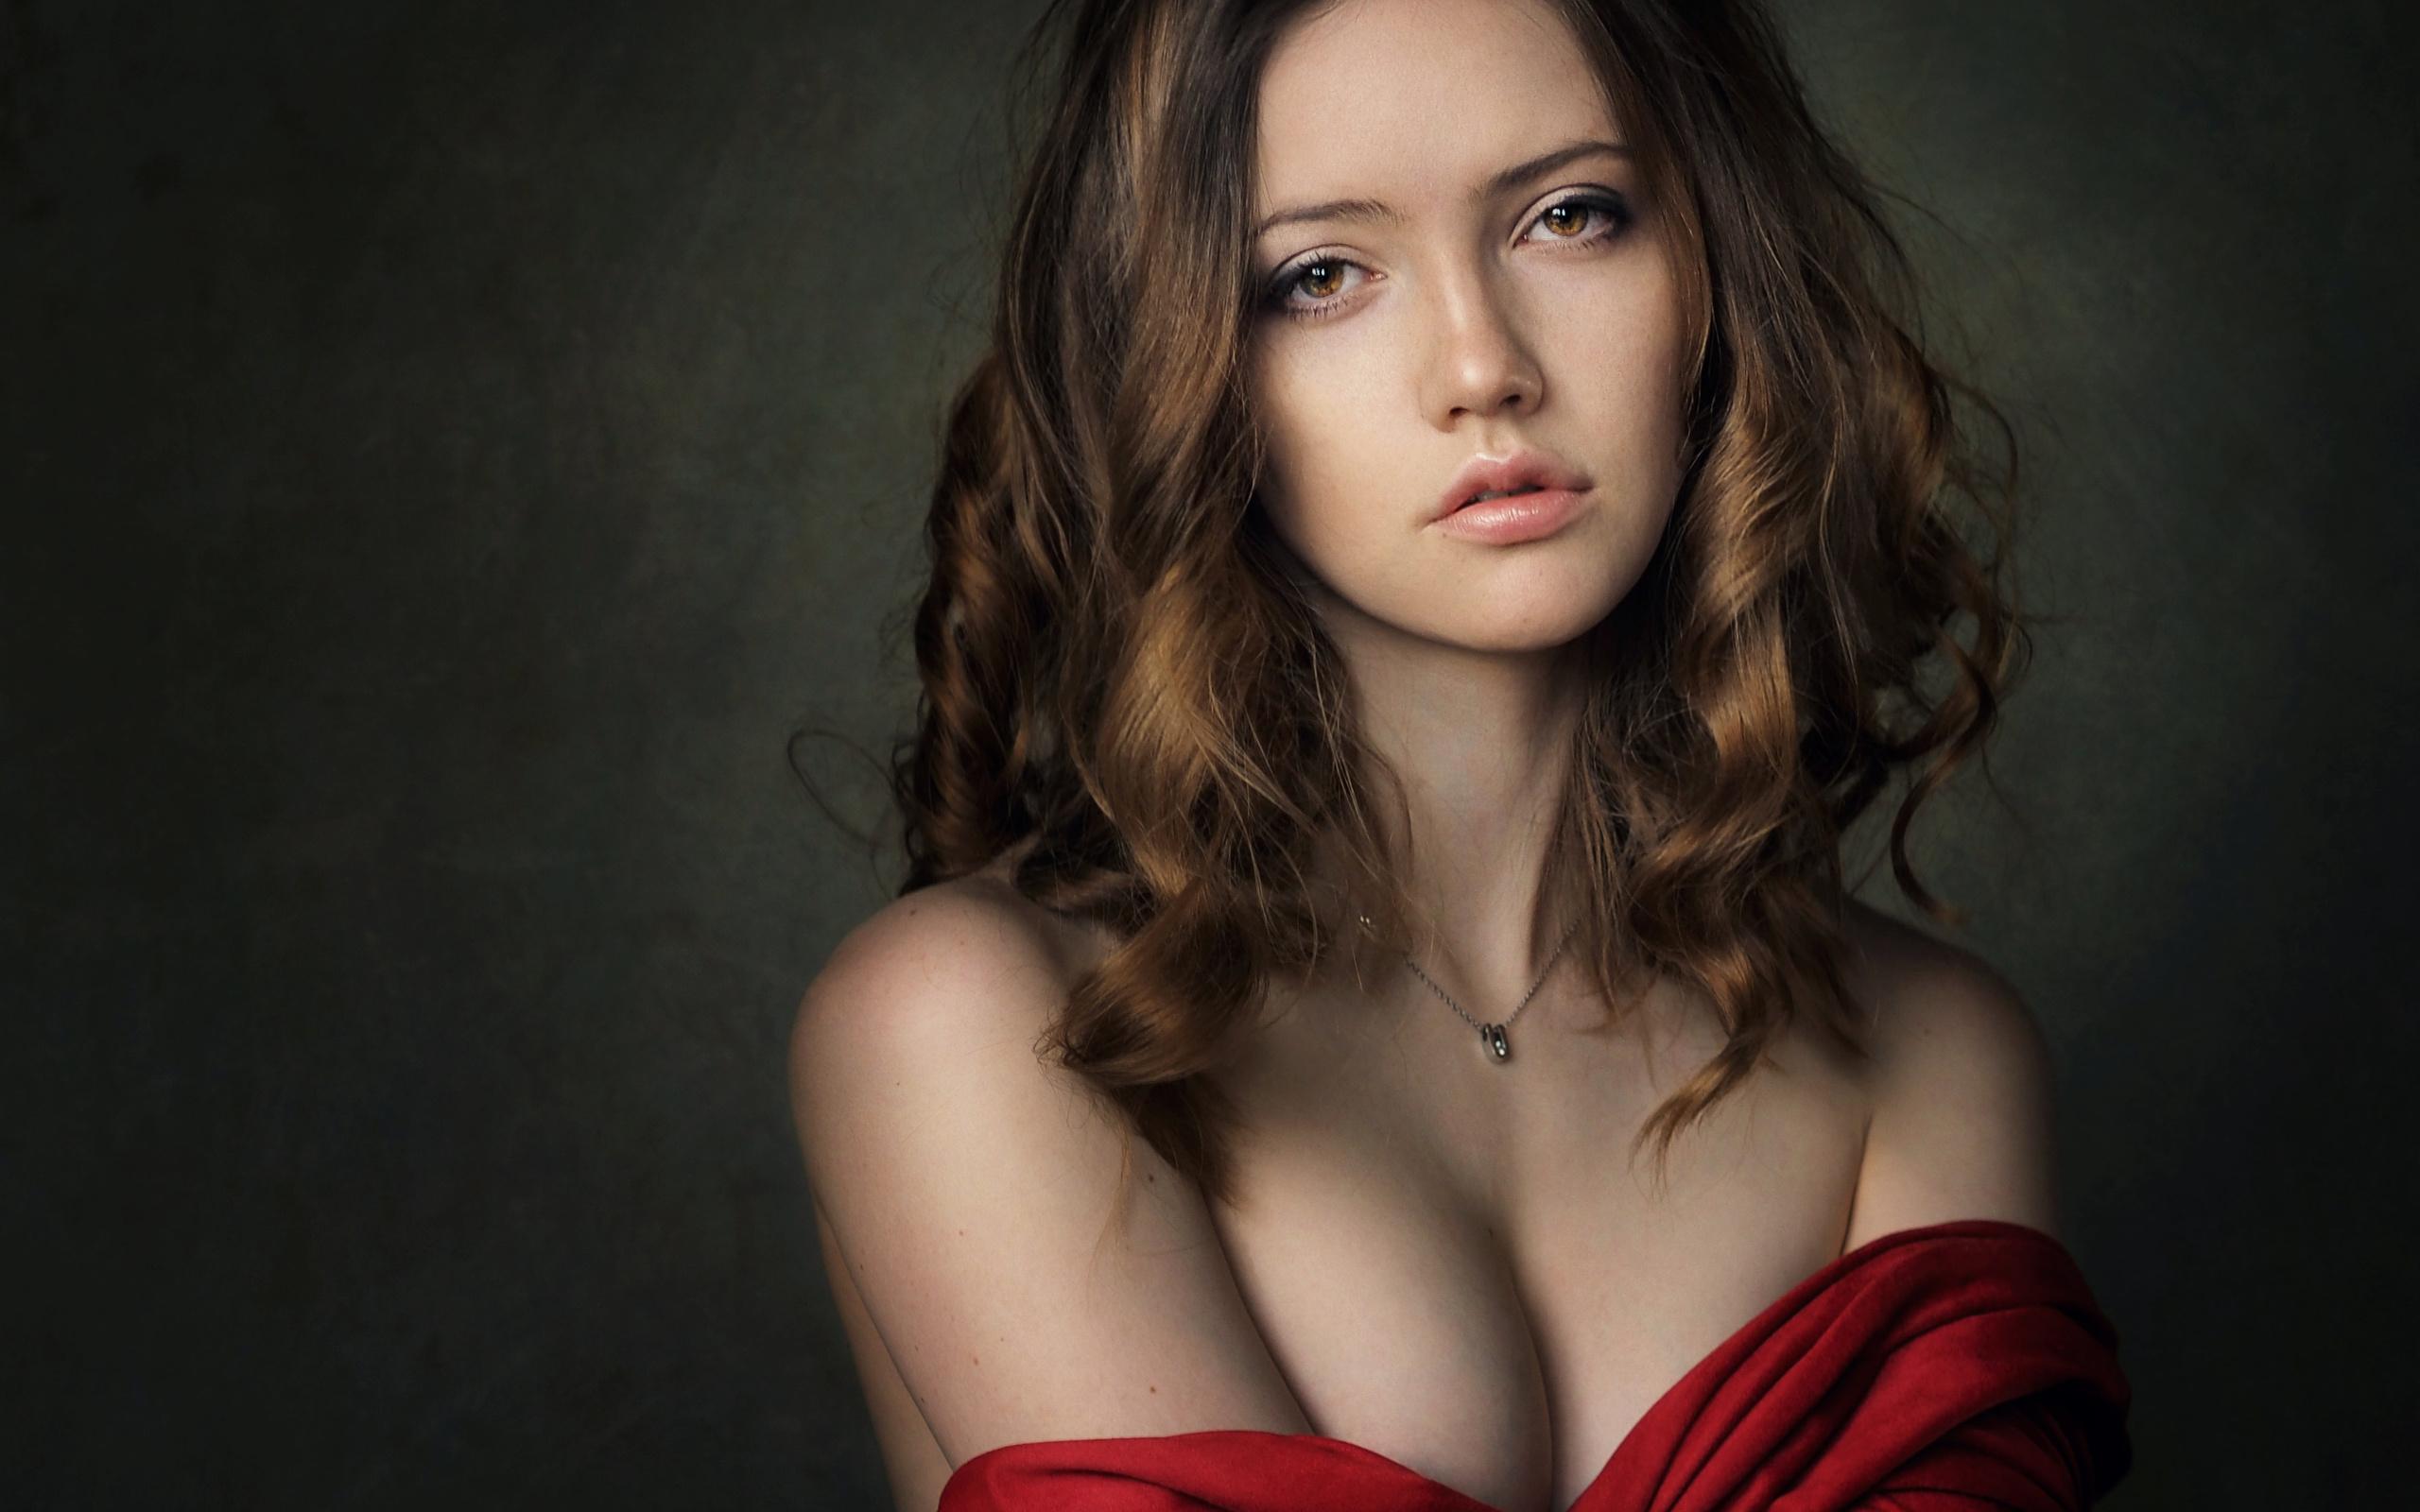 девушка, модель, портрет, фотограф, станислав пучковский, sean archer